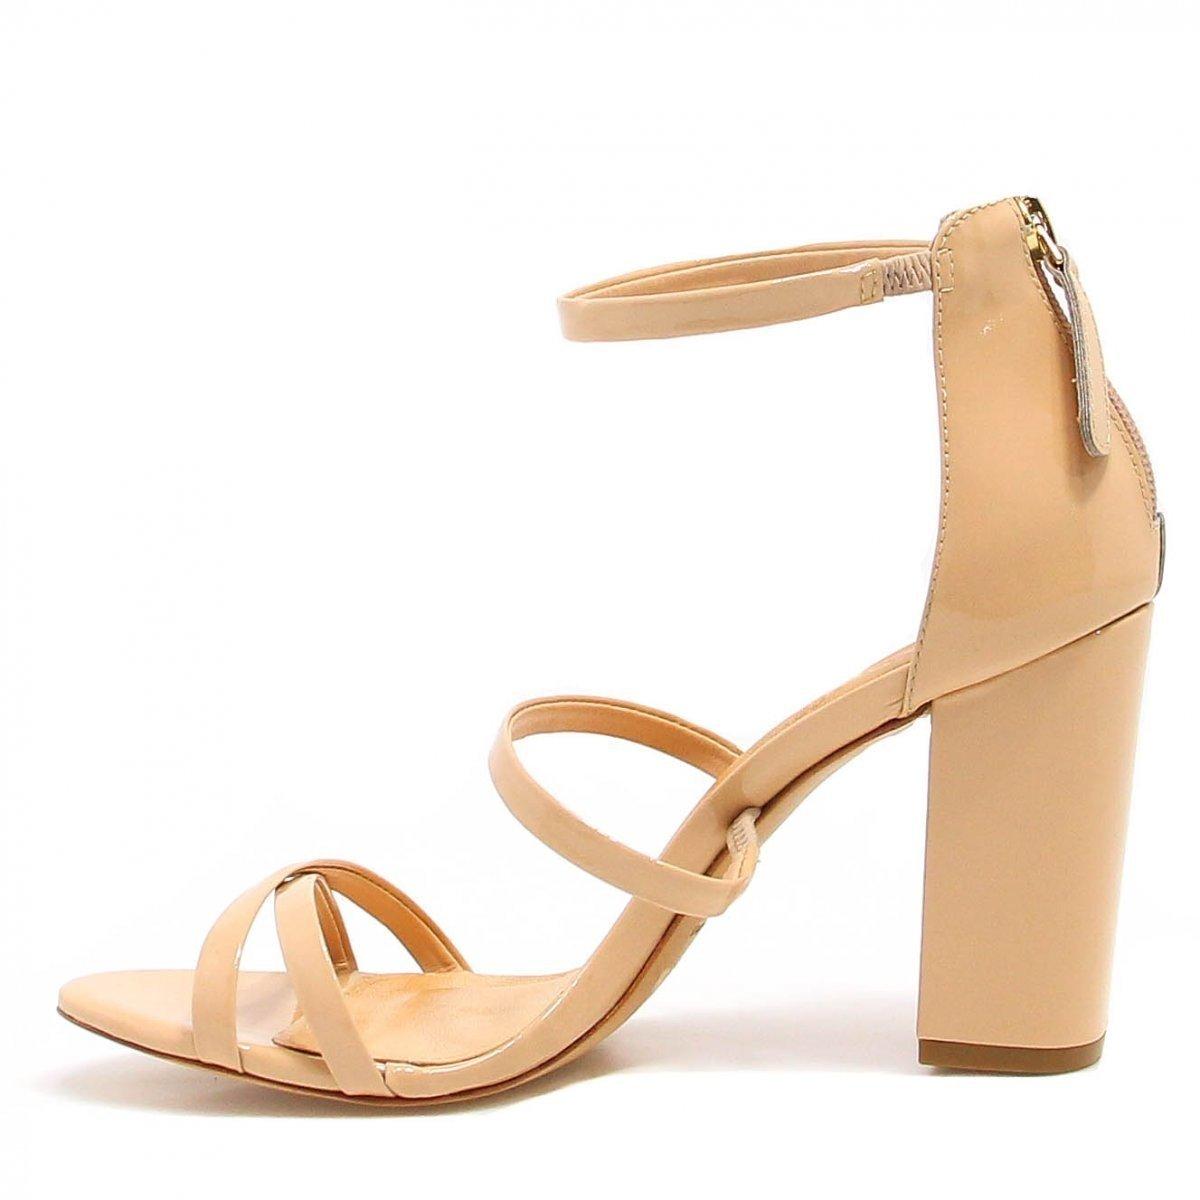 Veniz Salto Nude Shoes Salto Veniz Sandália Zariff Sandália Sandália Zariff Zariff Shoes Veniz Salto Nude Shoes qE4wpnOxtt